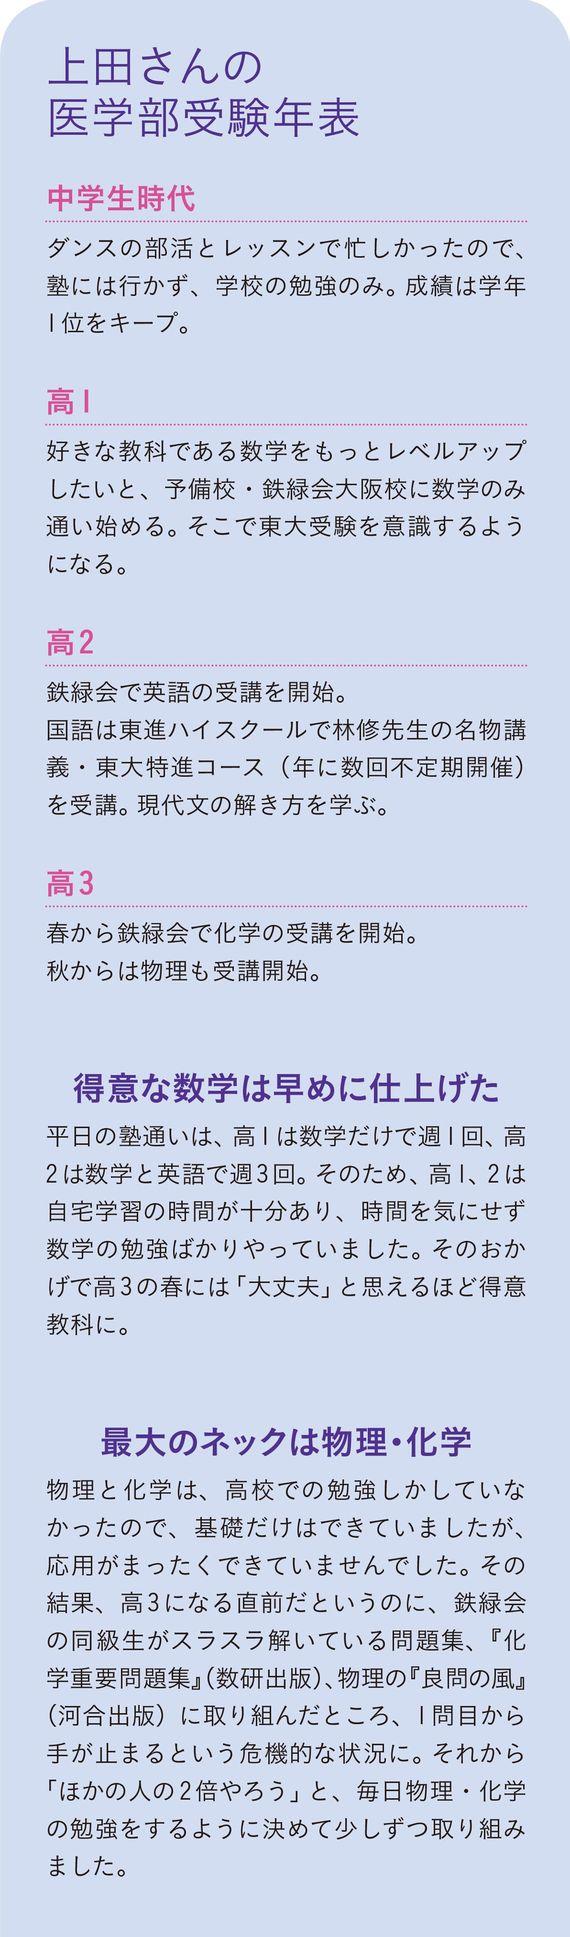 上田さんの医学部受験年表